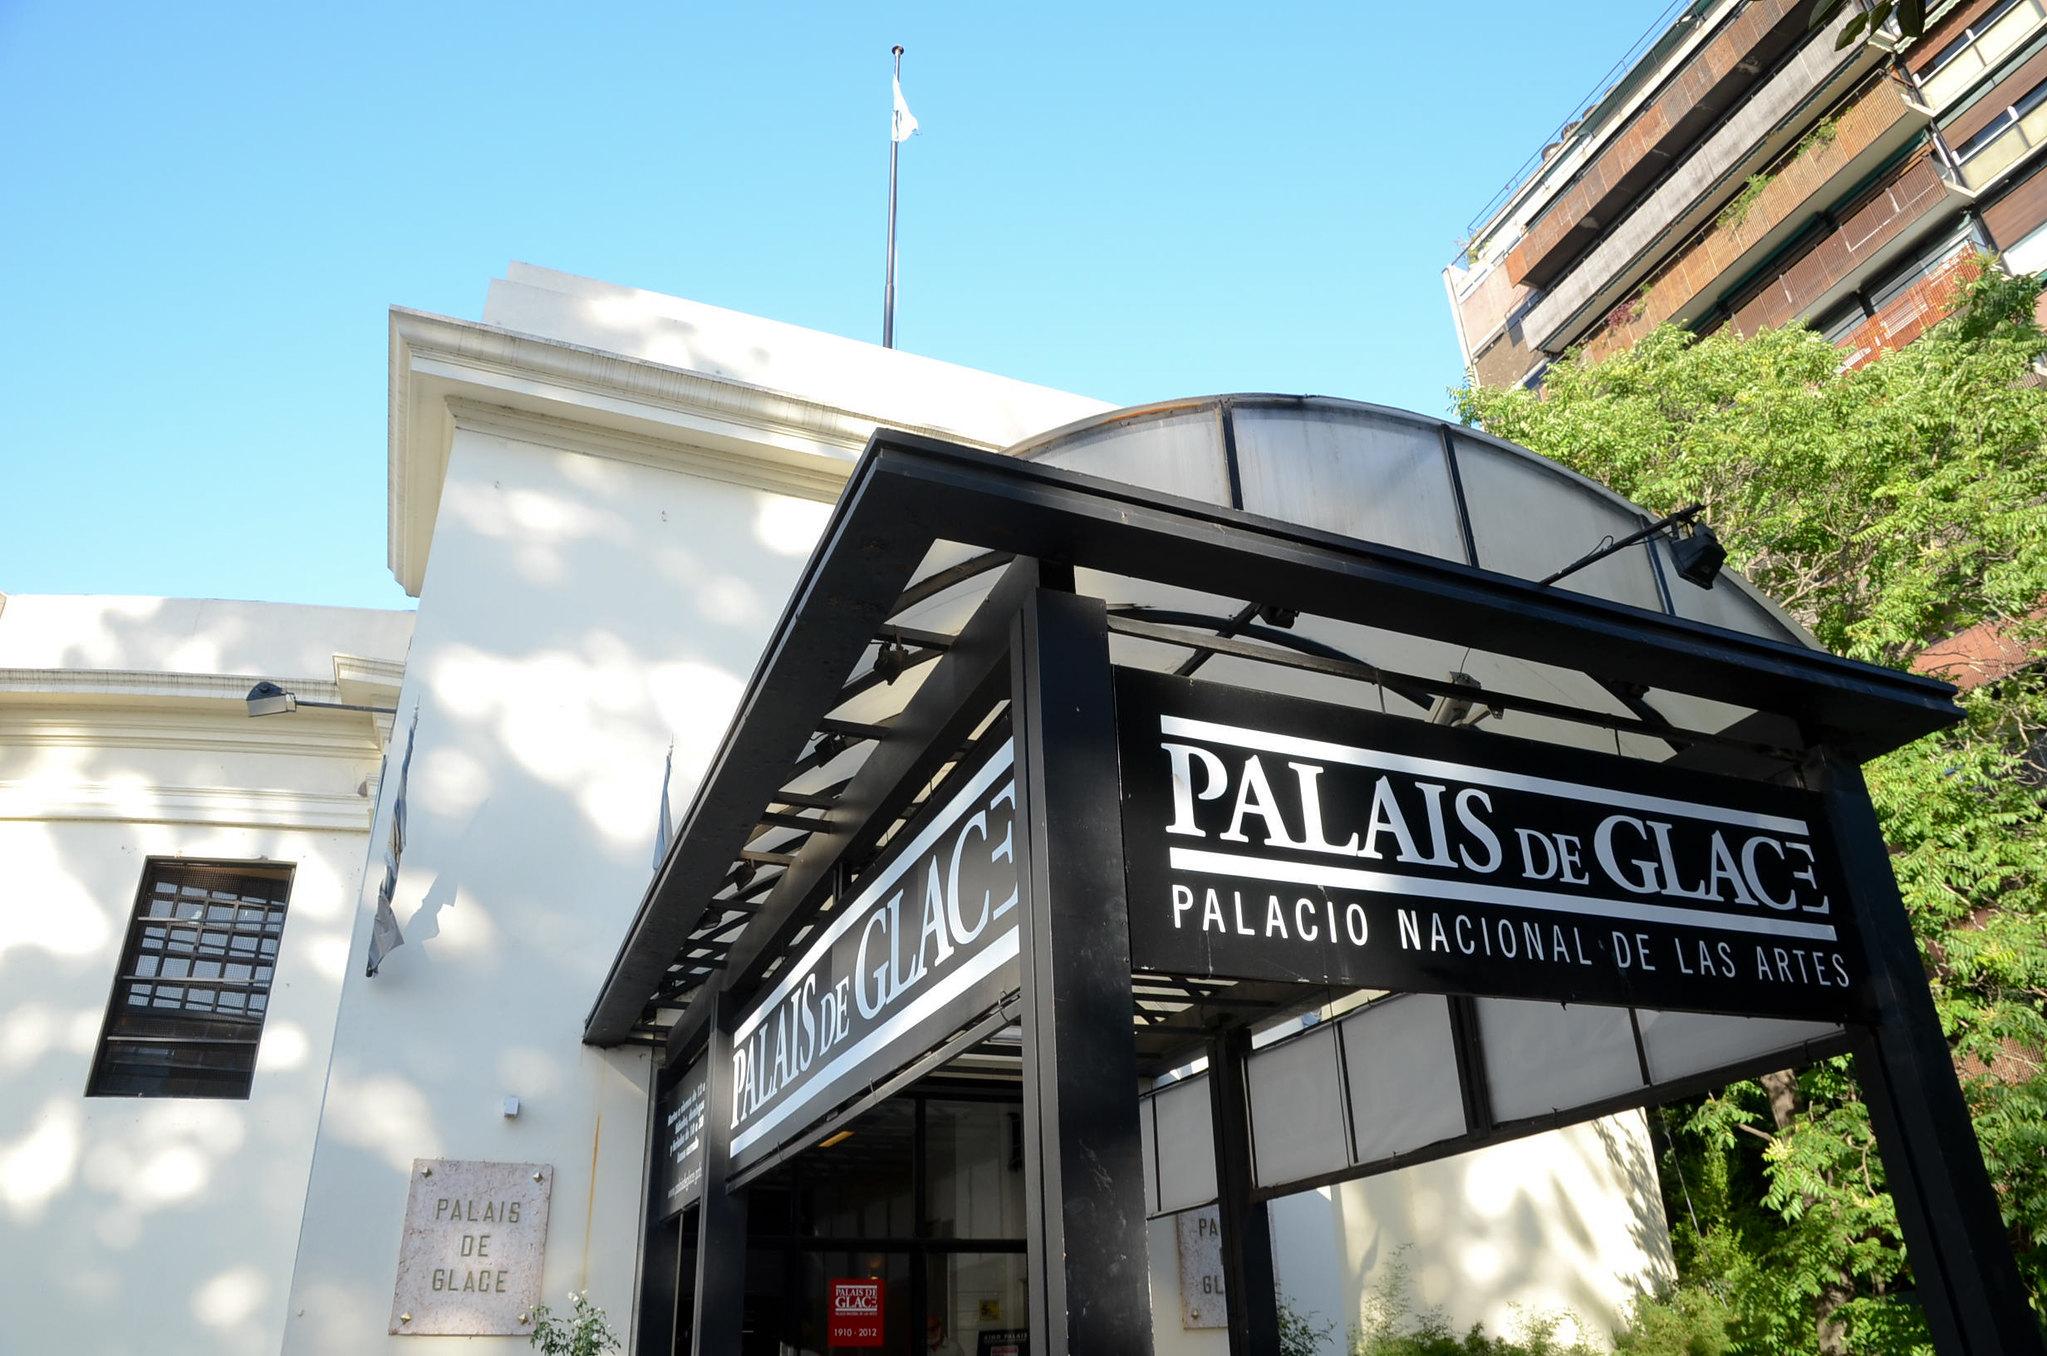 Palacio Nacional de la Artes (Ex-Palais de Glace)